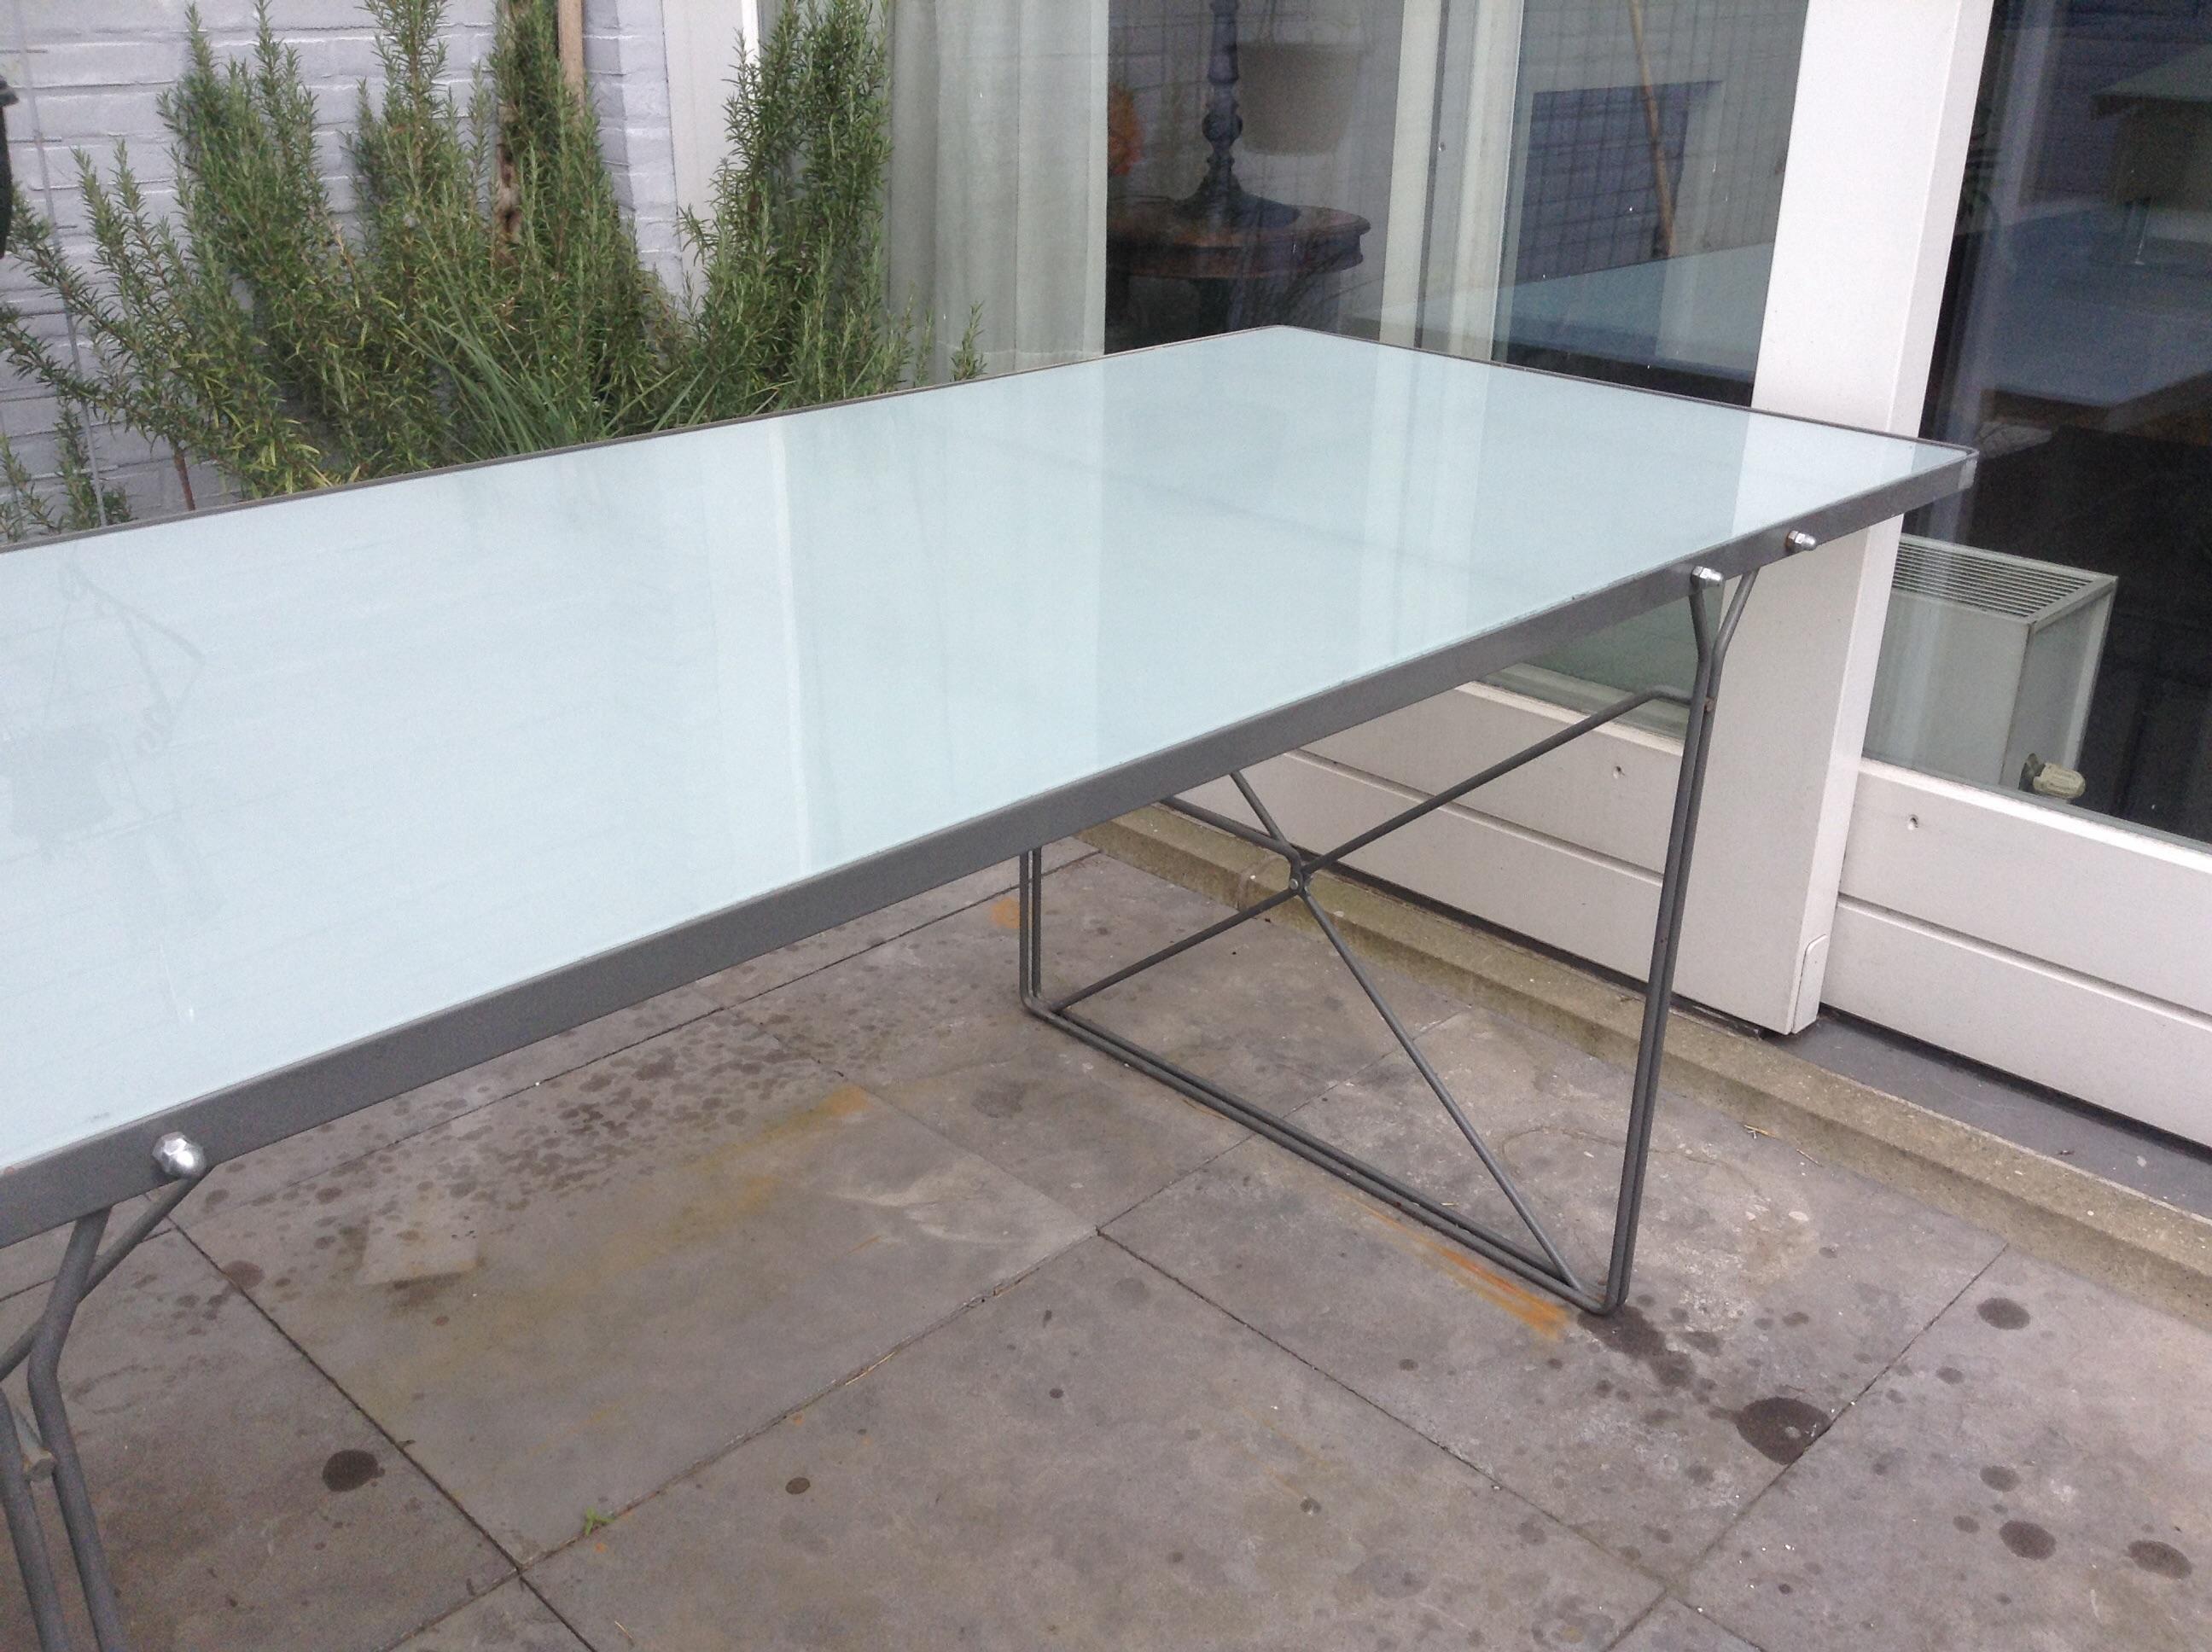 Glazen Tafel Ikea : Glazen eet tafel van ikea